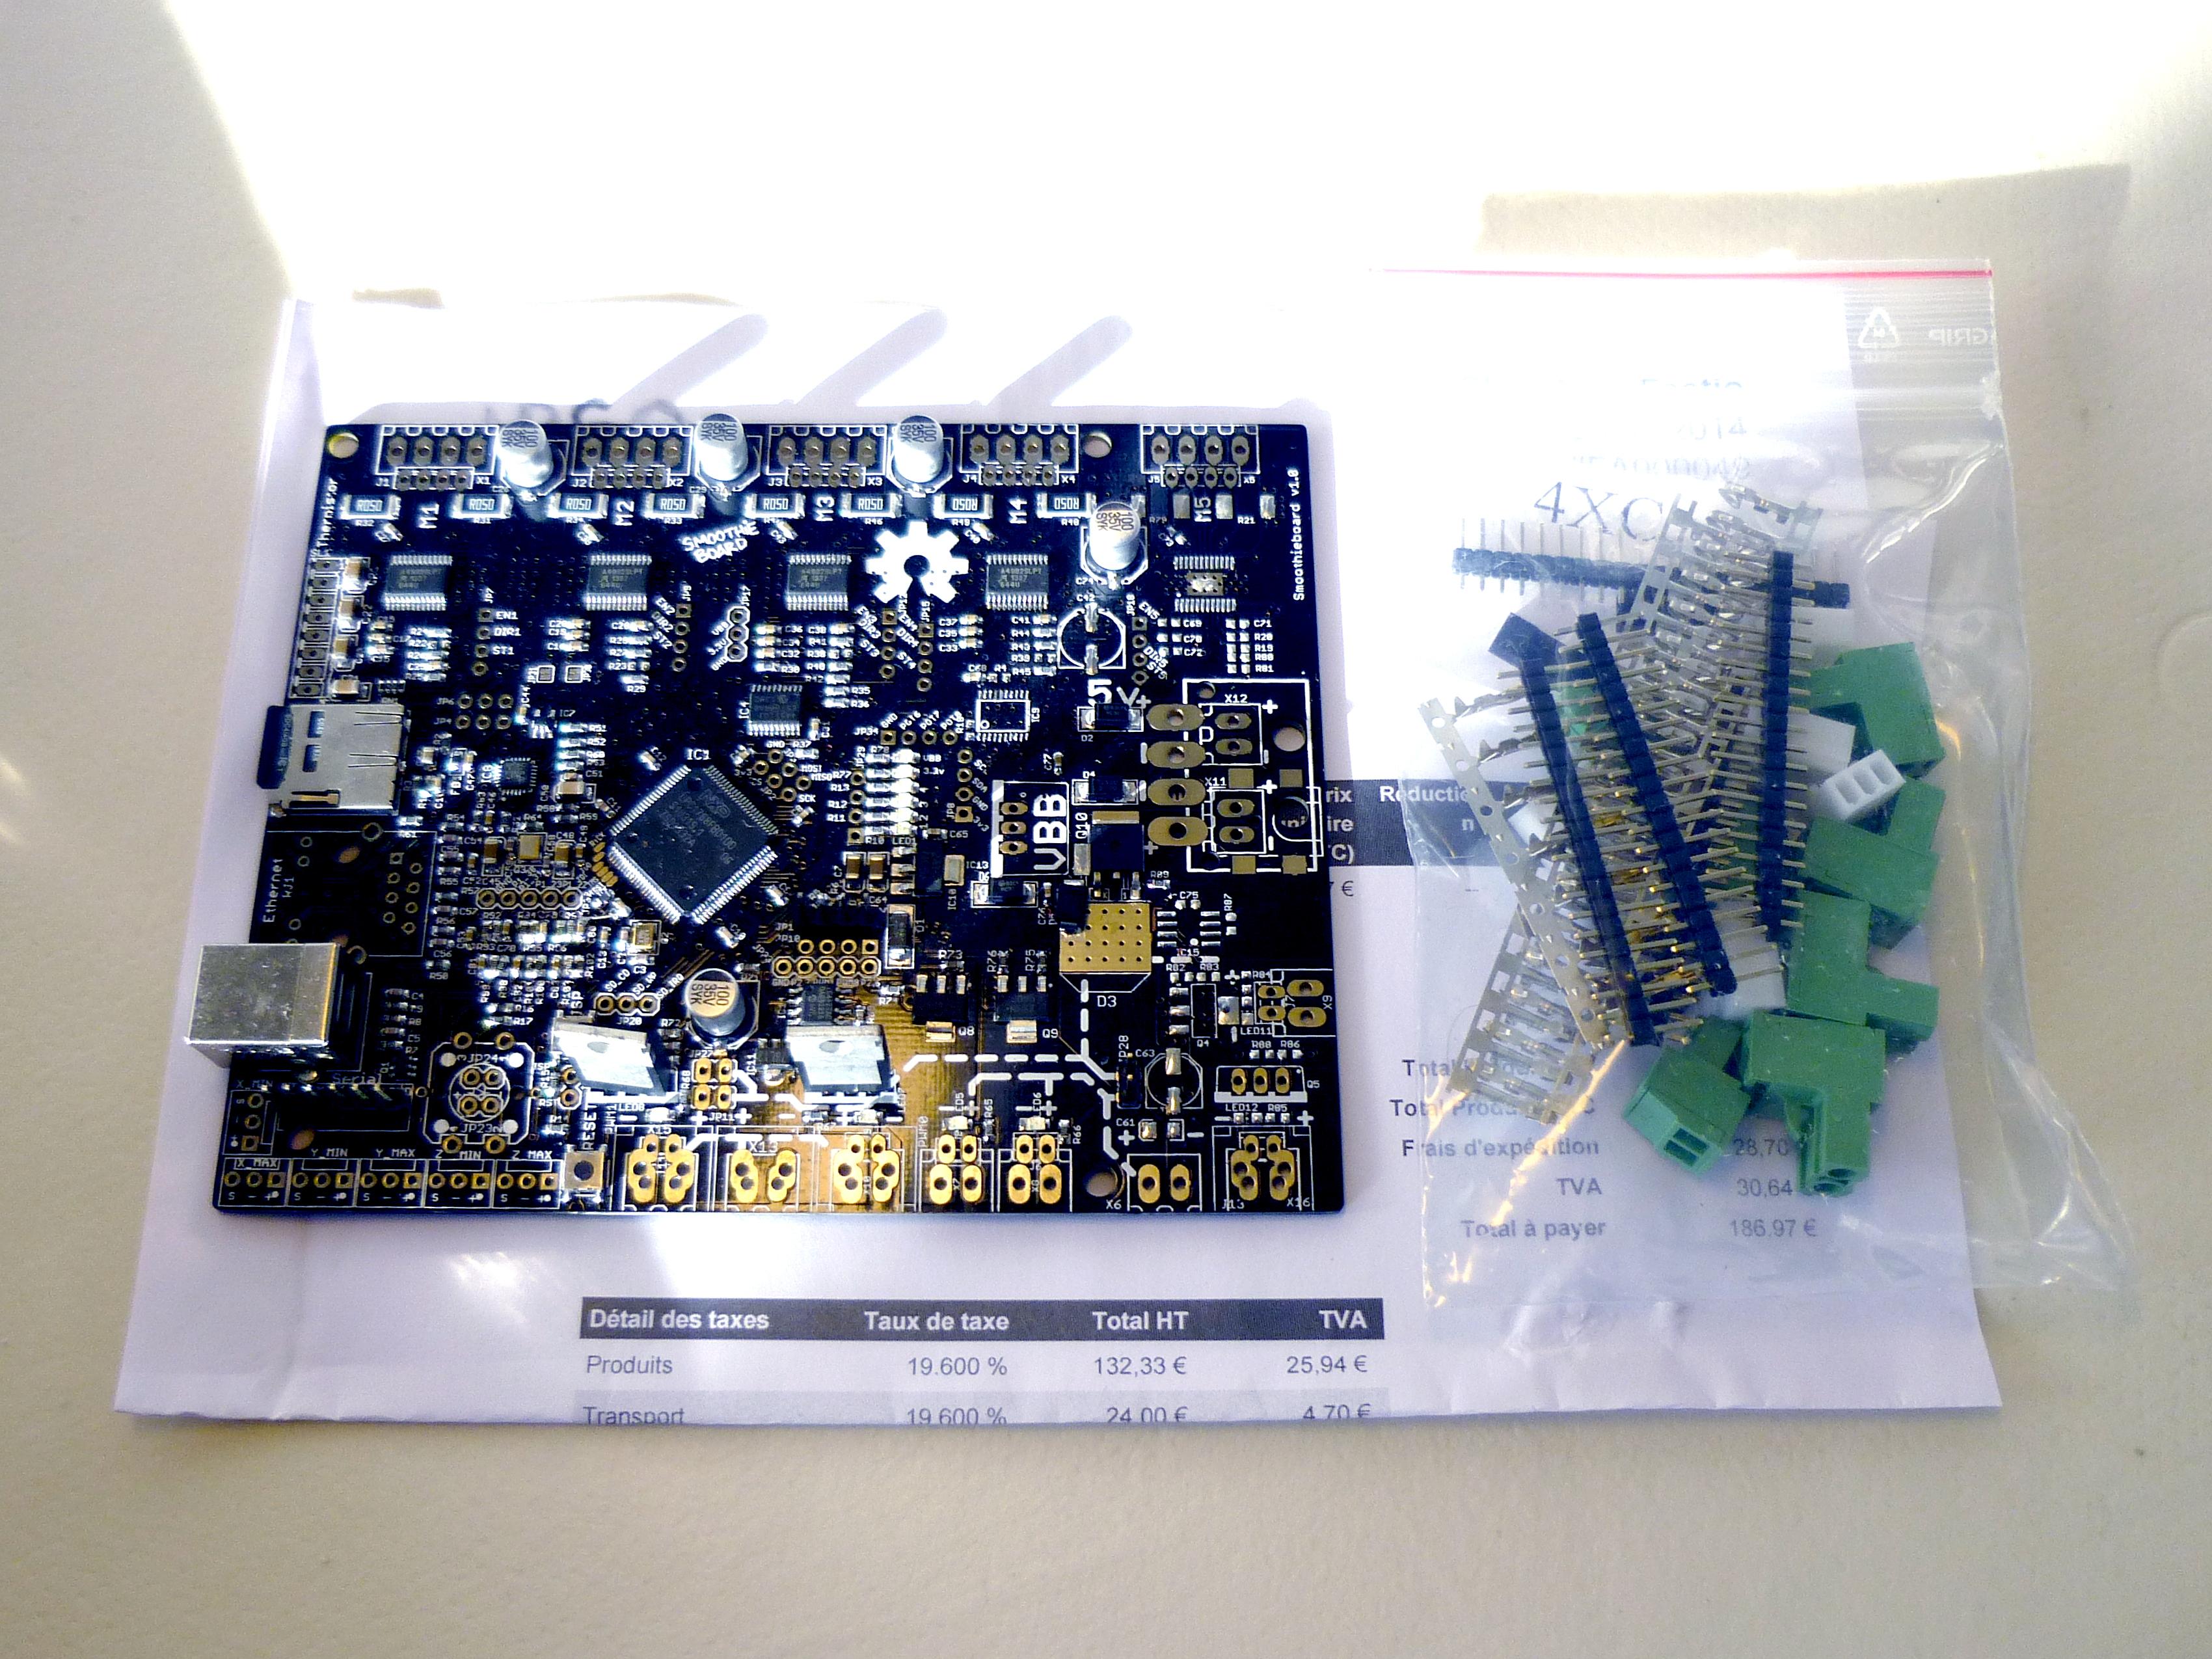 Smoothieboard conversion – Essential scrap